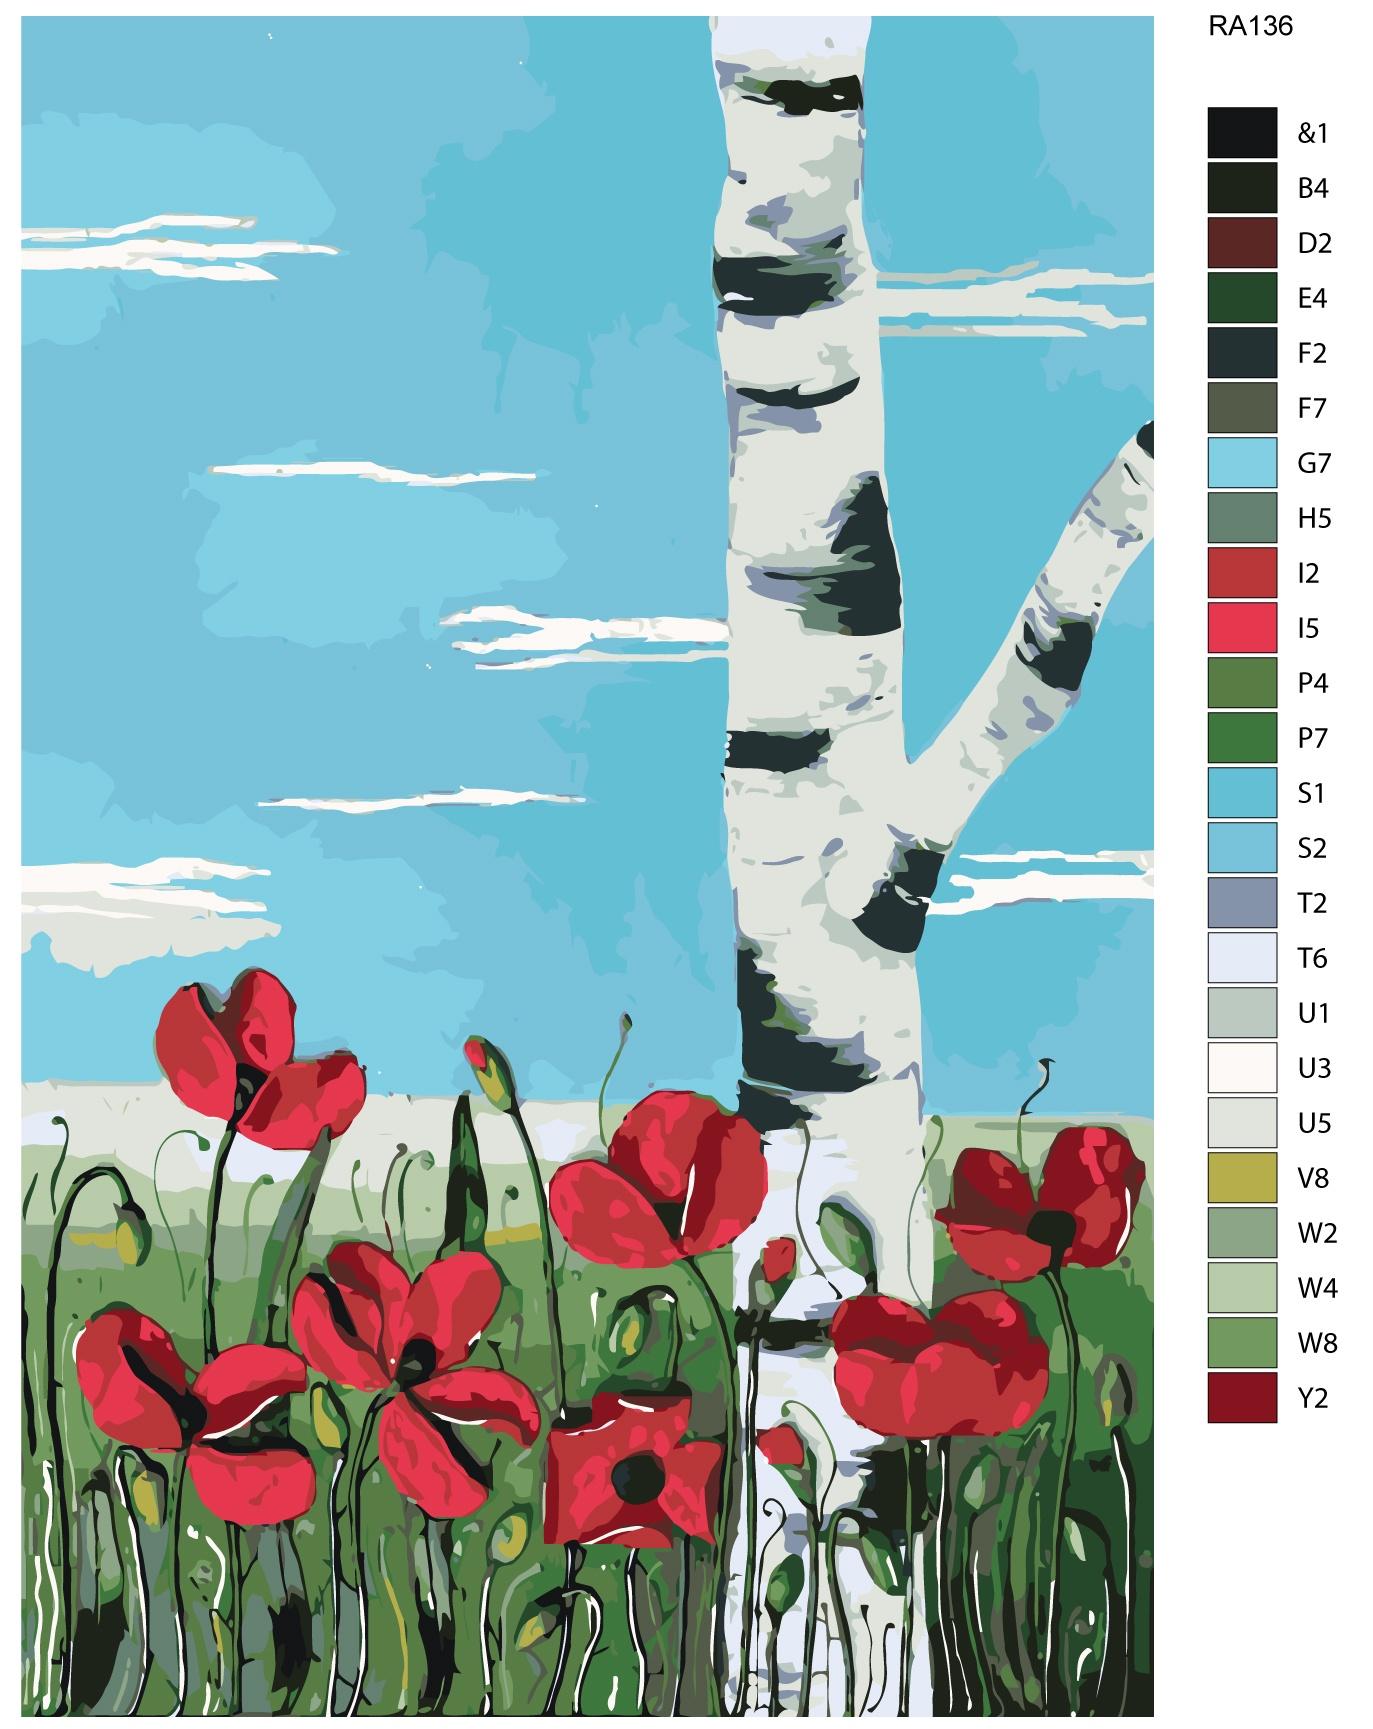 Картина по номерам, 40 x 60 см, RA136